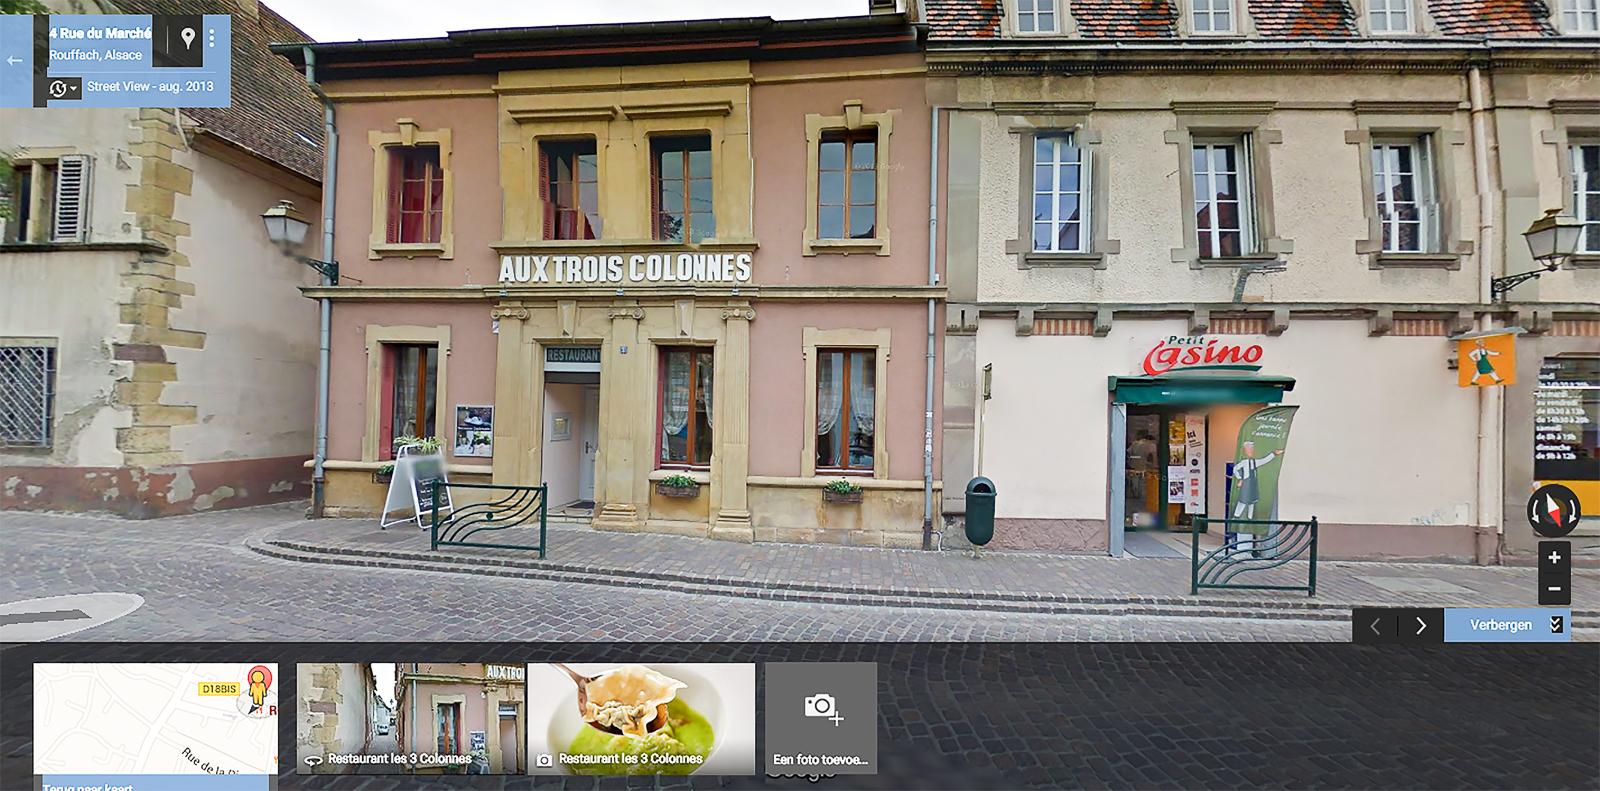 Dag02-Alsace-071-RestaurantAuxTroisColonnesFoto